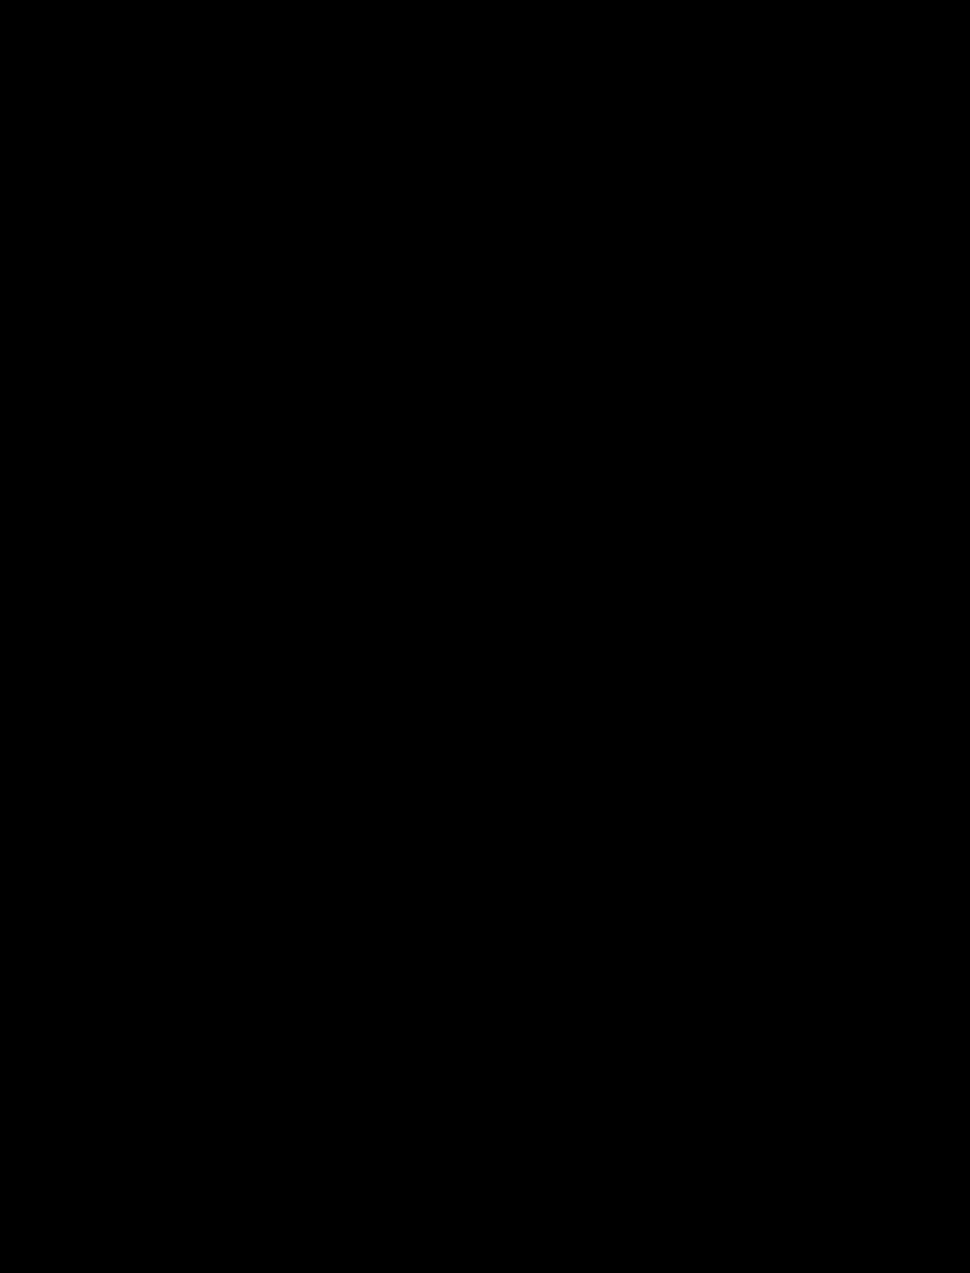 ʇɹ∀sɔᴉԀ ftestickers picsart logo icon black pa mini...